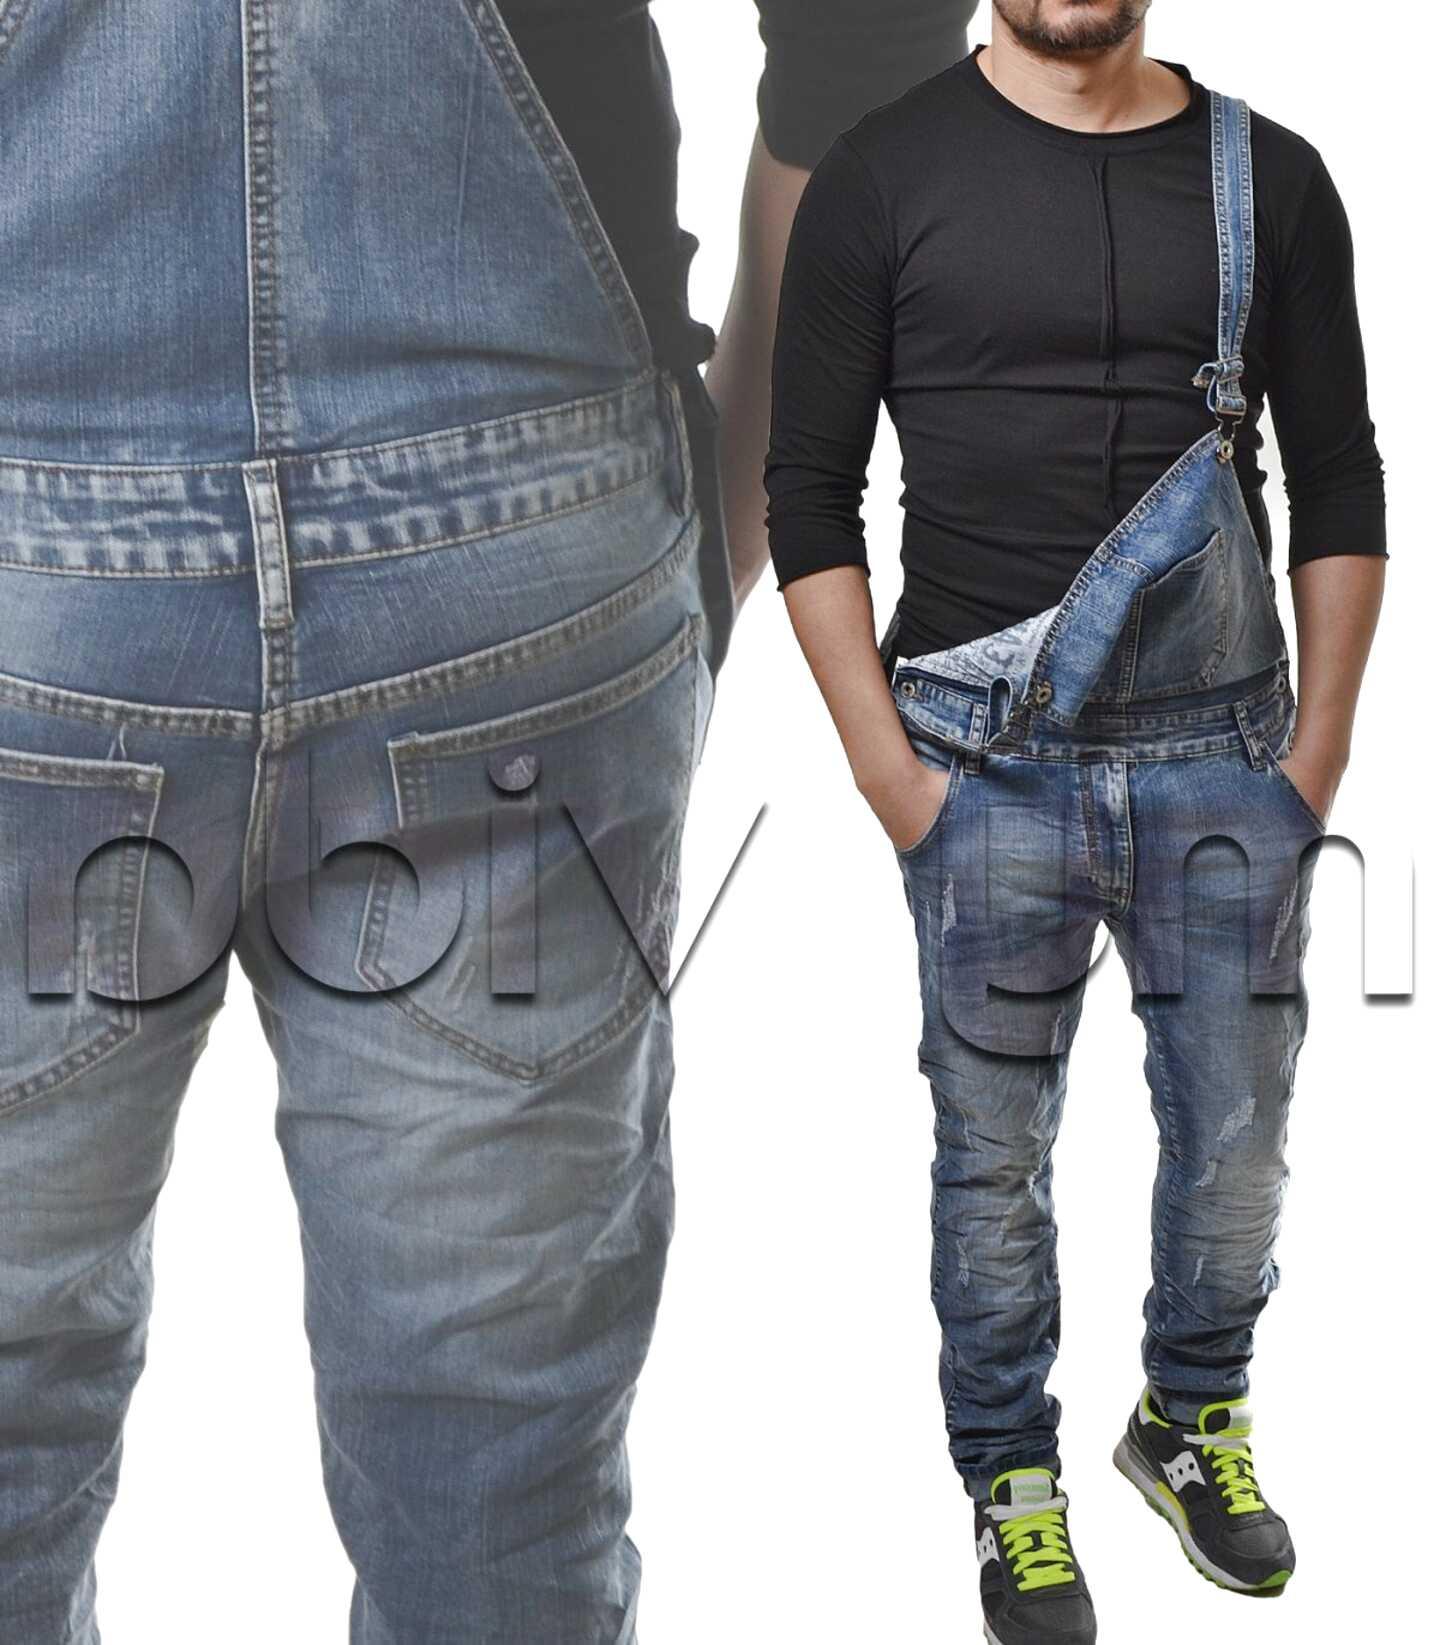 Yying Salopette da Uomo Jeans Pantaloncini Strappati Buco Denim Pantaloni Corti Jumpsuit Estate Tuta con Cinturino Overalls Casual Pagliaccetto